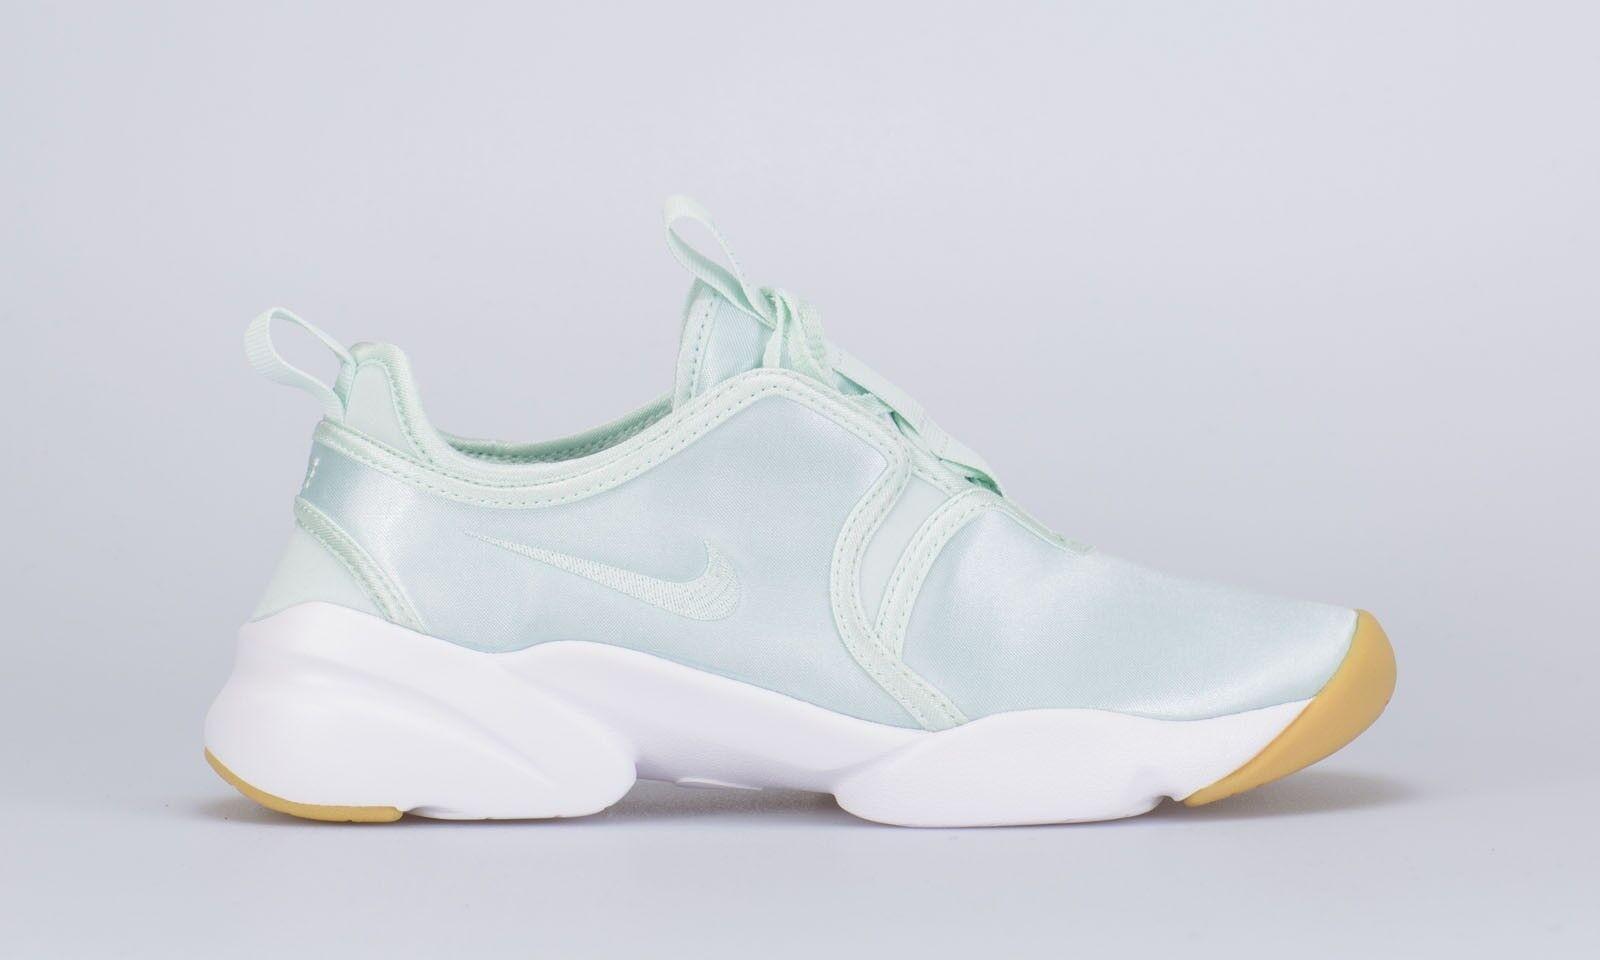 Nike Wmns QS Loden QS Wmns 'Satin Pack' 919492-301 d03928